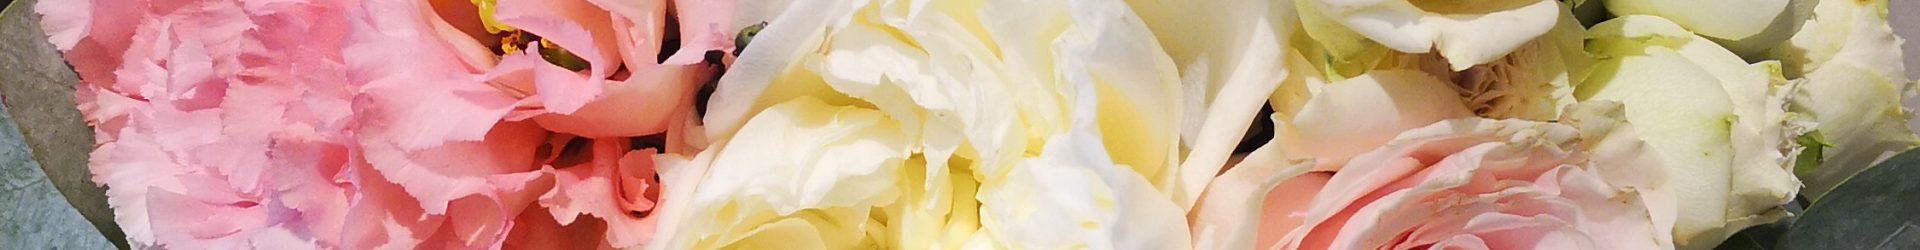 Bouquet fiori colori pastello